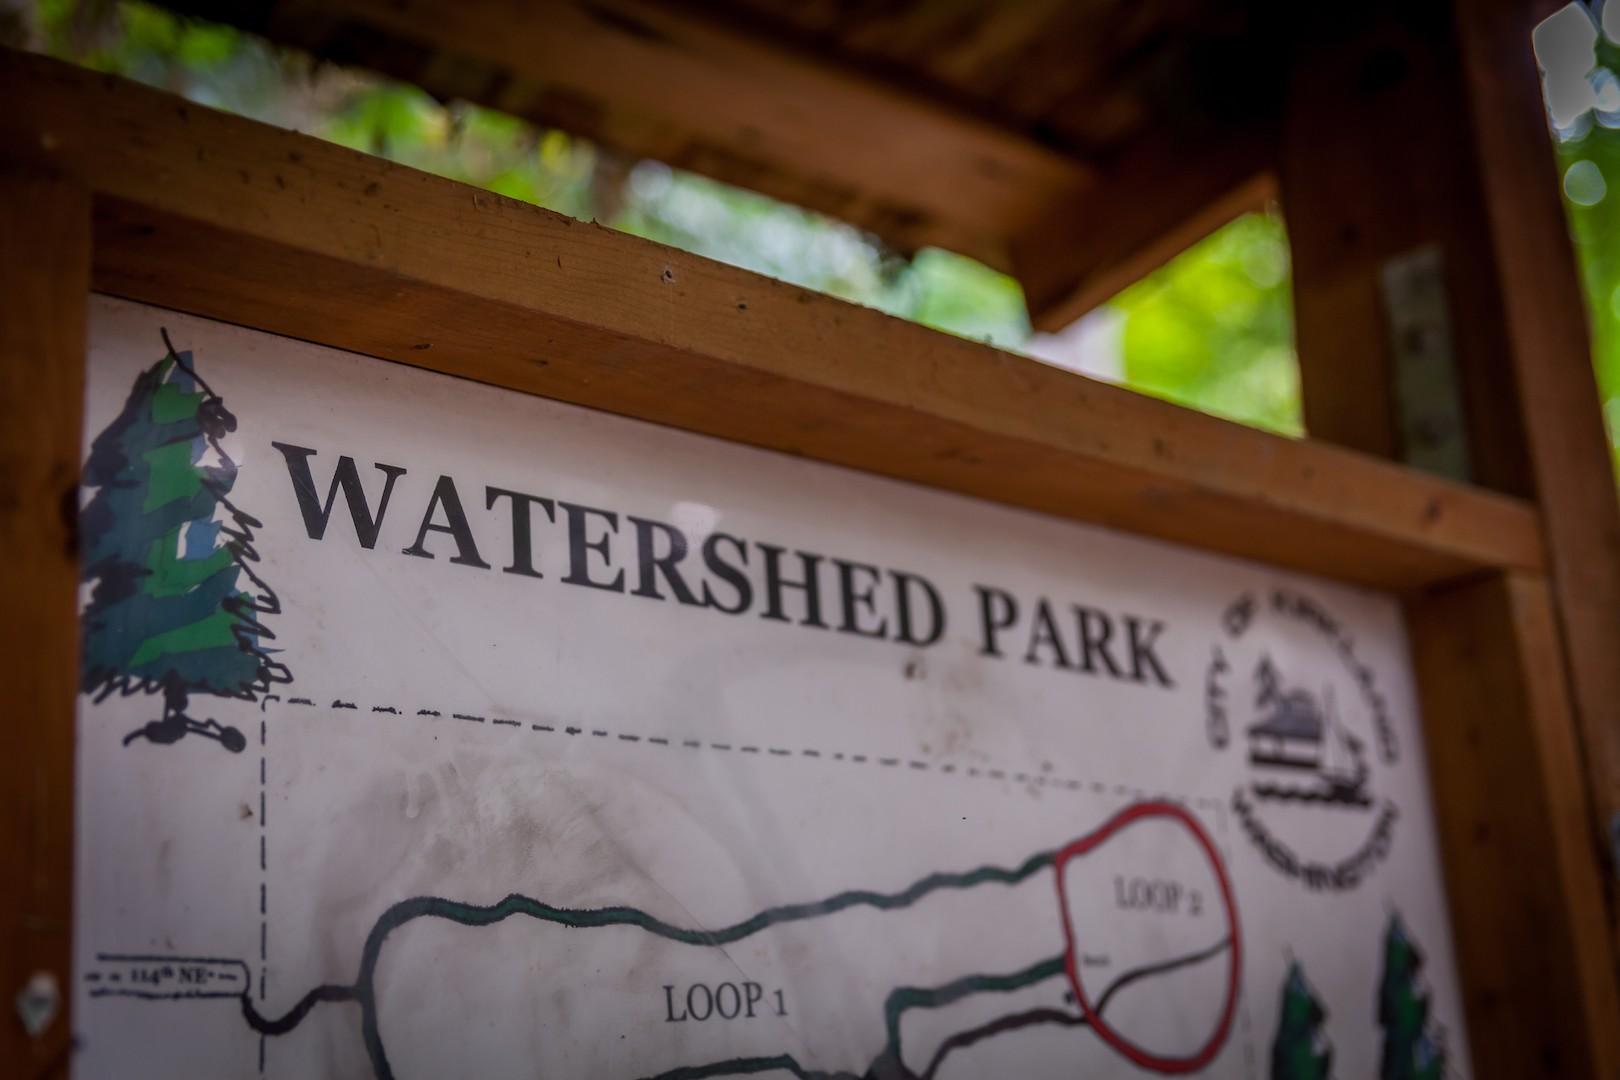 WatershedPark.jpg